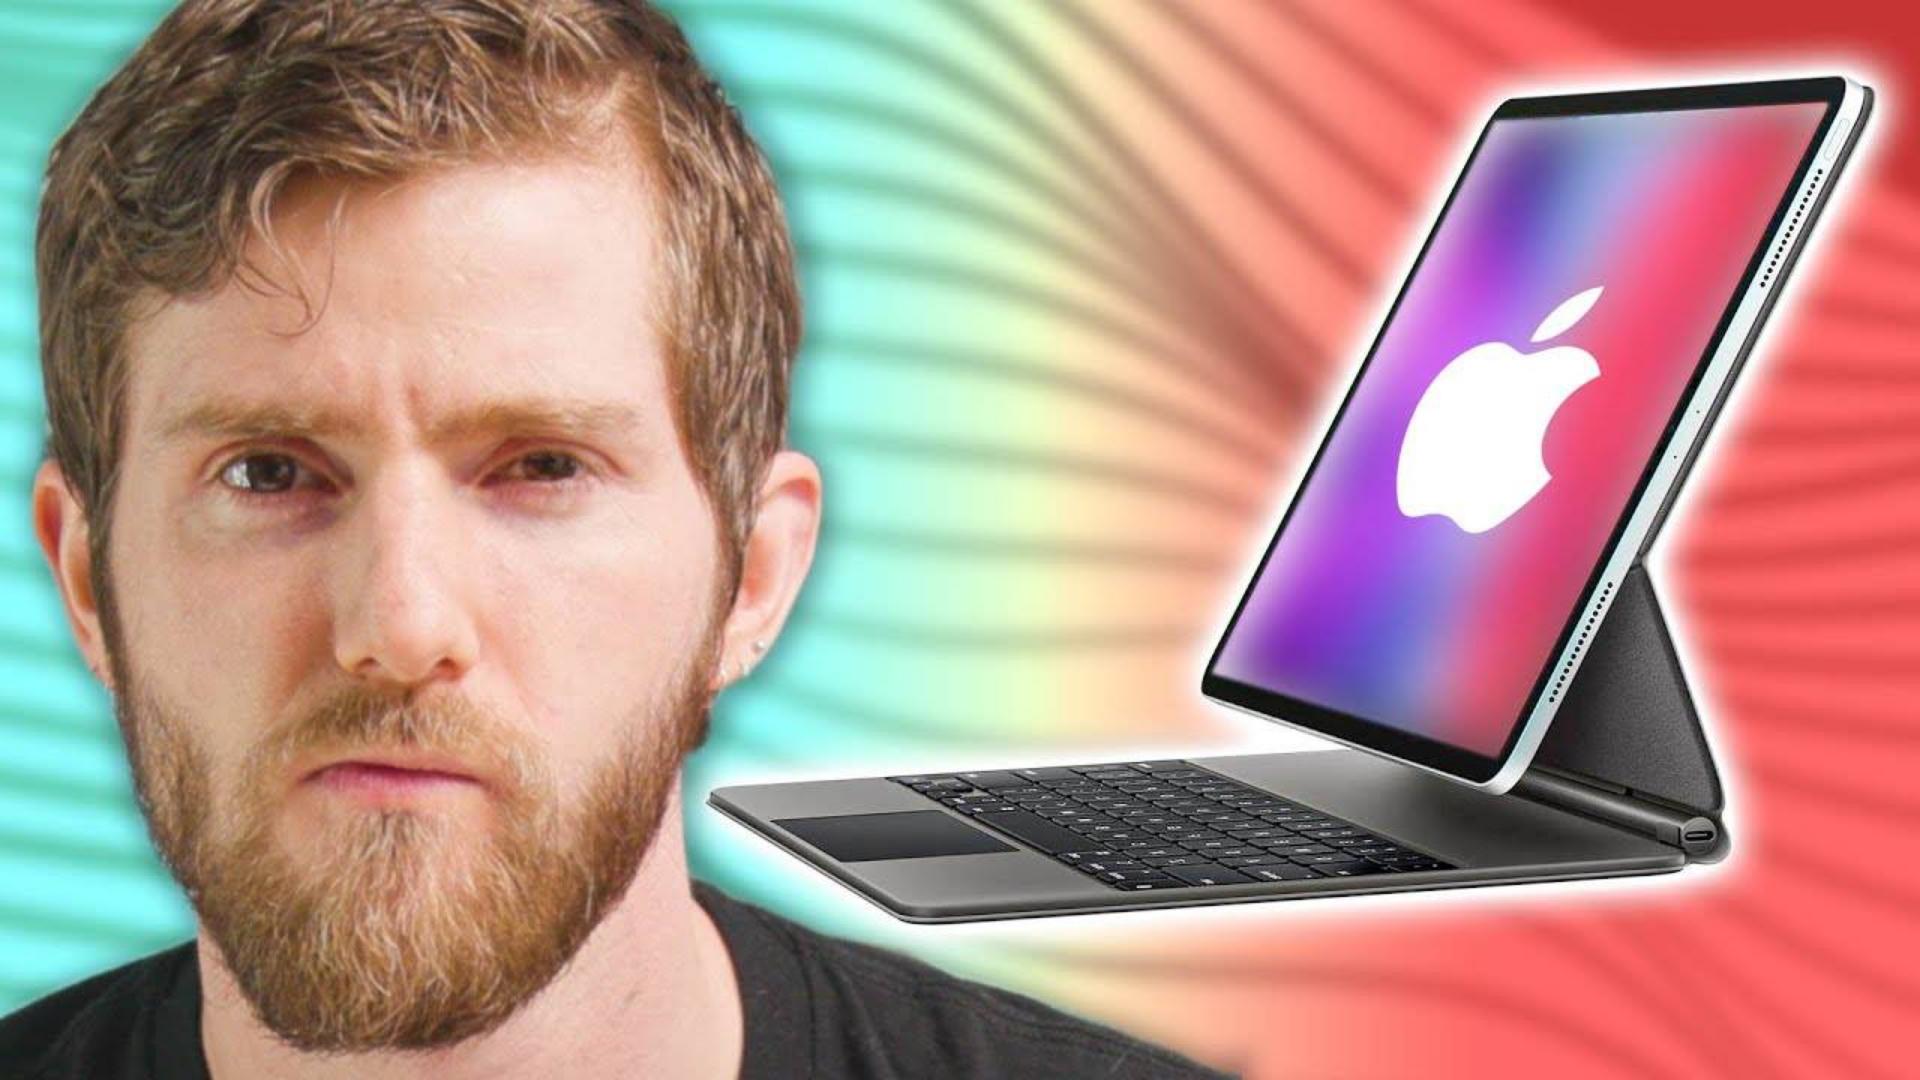 【官方双语】也许苹果没发疯 - iPad Pro妙控键盘评测#linus谈科技